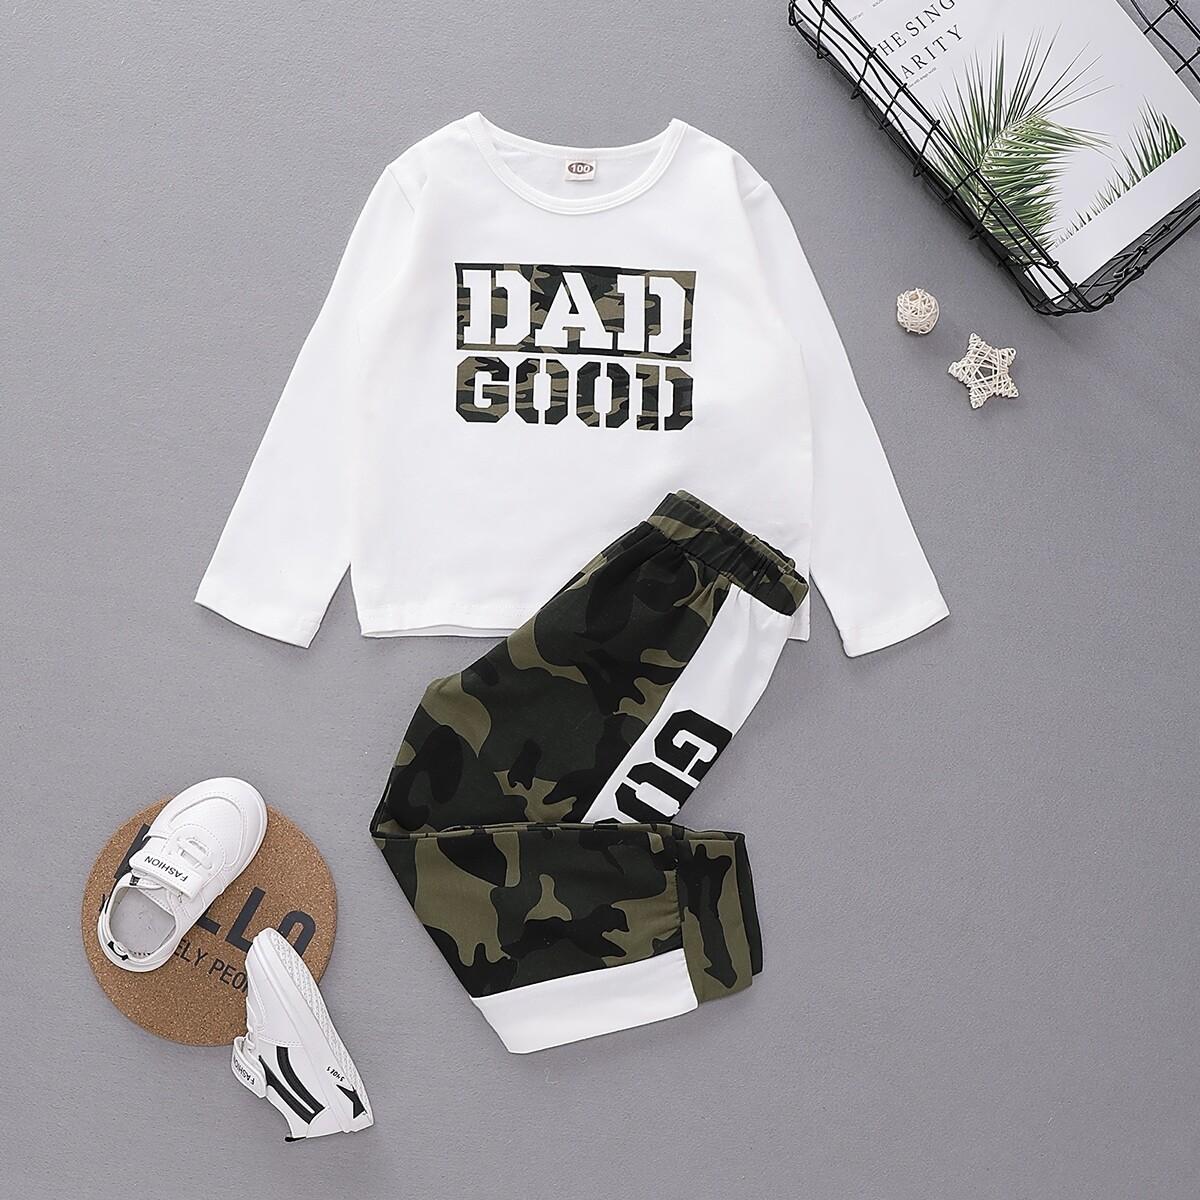 Камуфляжные спортивные брюки и футболка с текстовым принтом для девочек от SHEIN